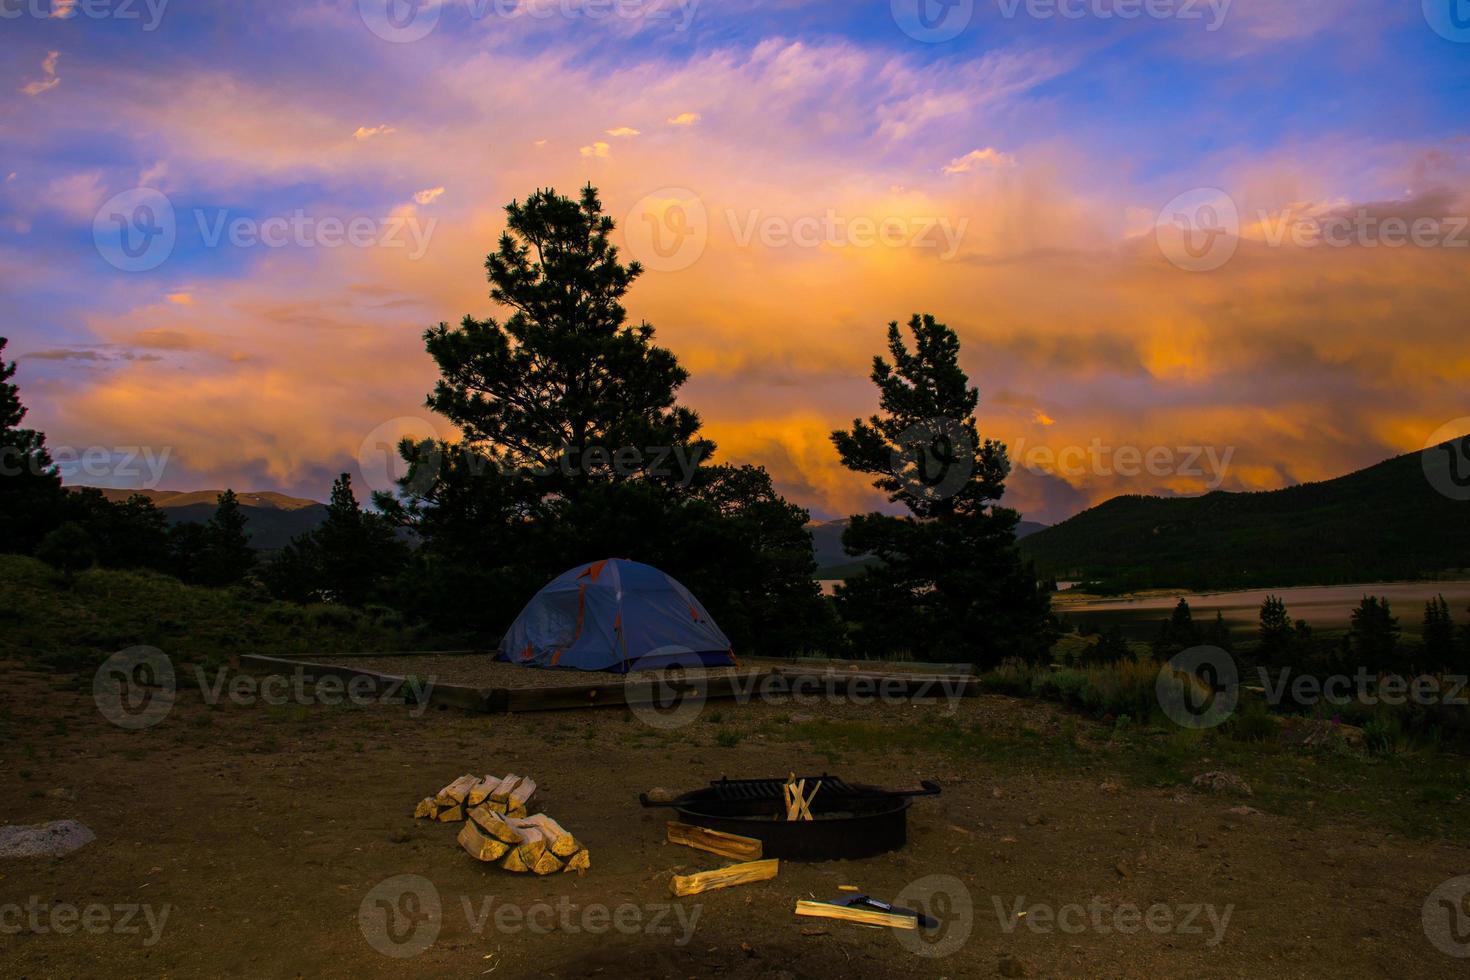 lägereldssolnedgång i de fantastiska steniga bergen foto